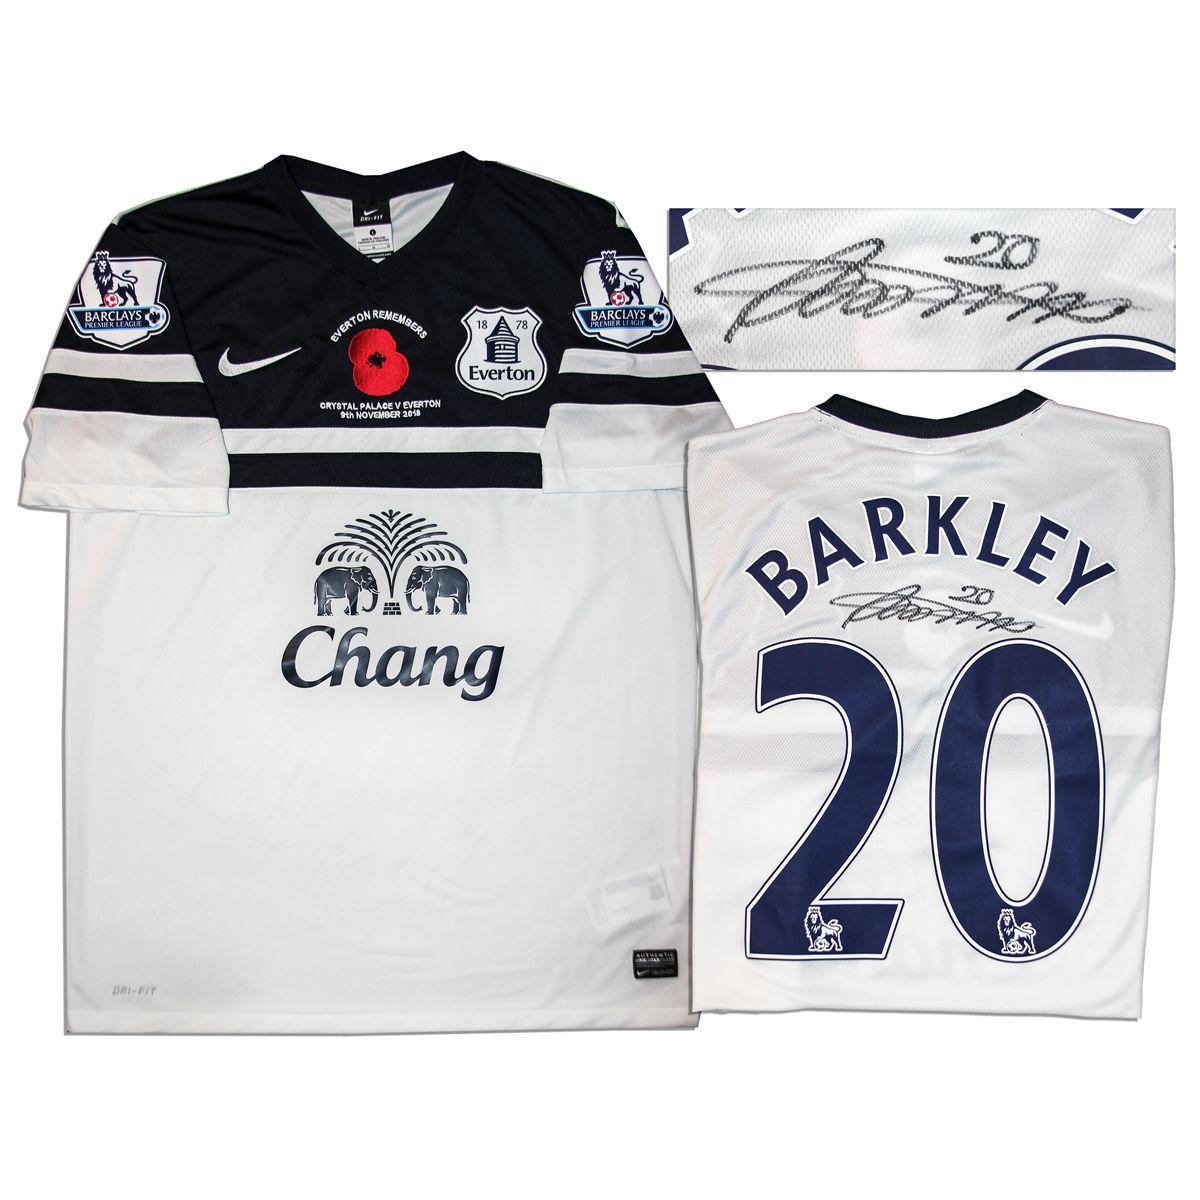 finest selection f632d 05189 Ross Barkley Match Worn Everton Football Shirt Signed